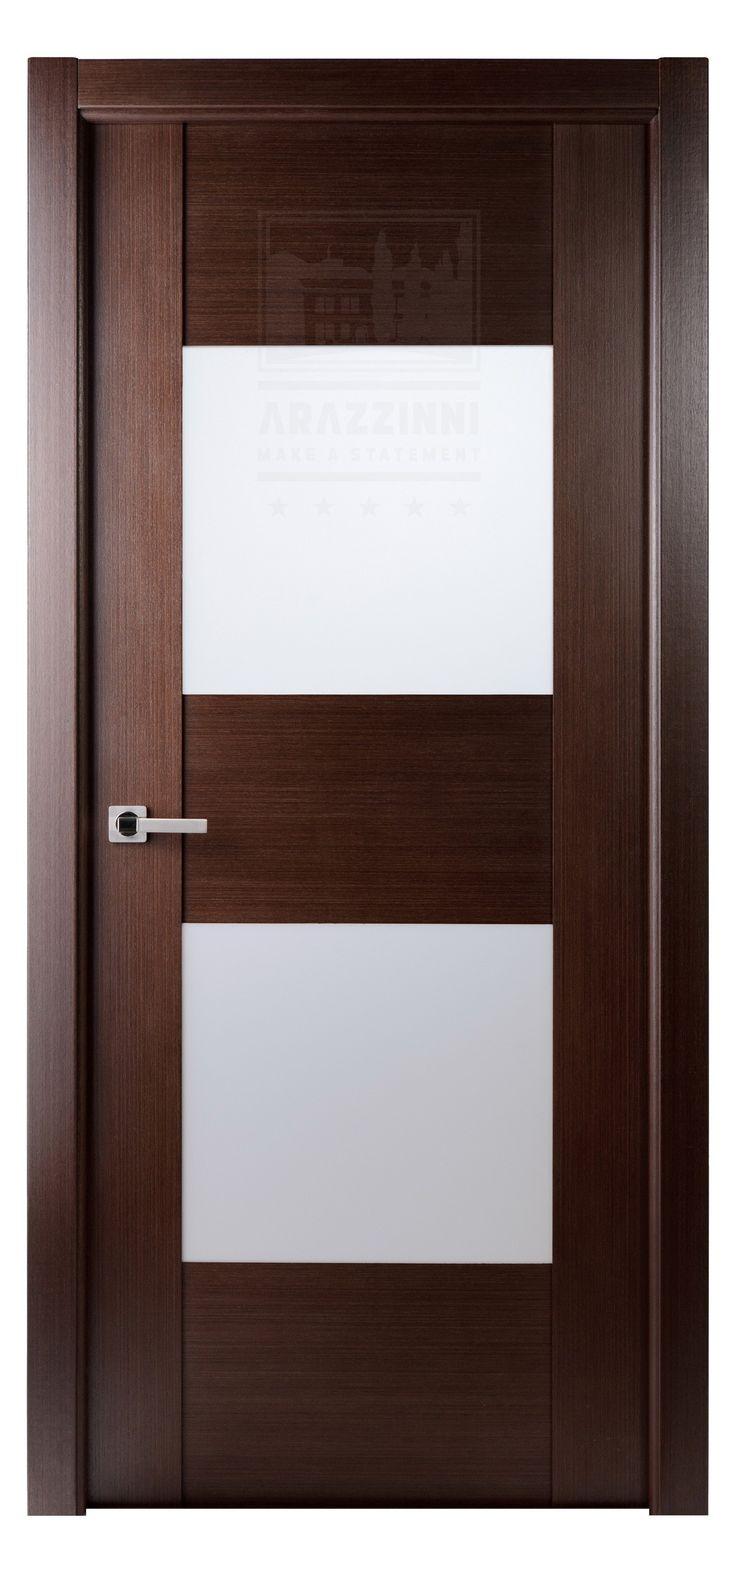 1000 images about doors on pinterest interior doors for Wood veneer doors interior